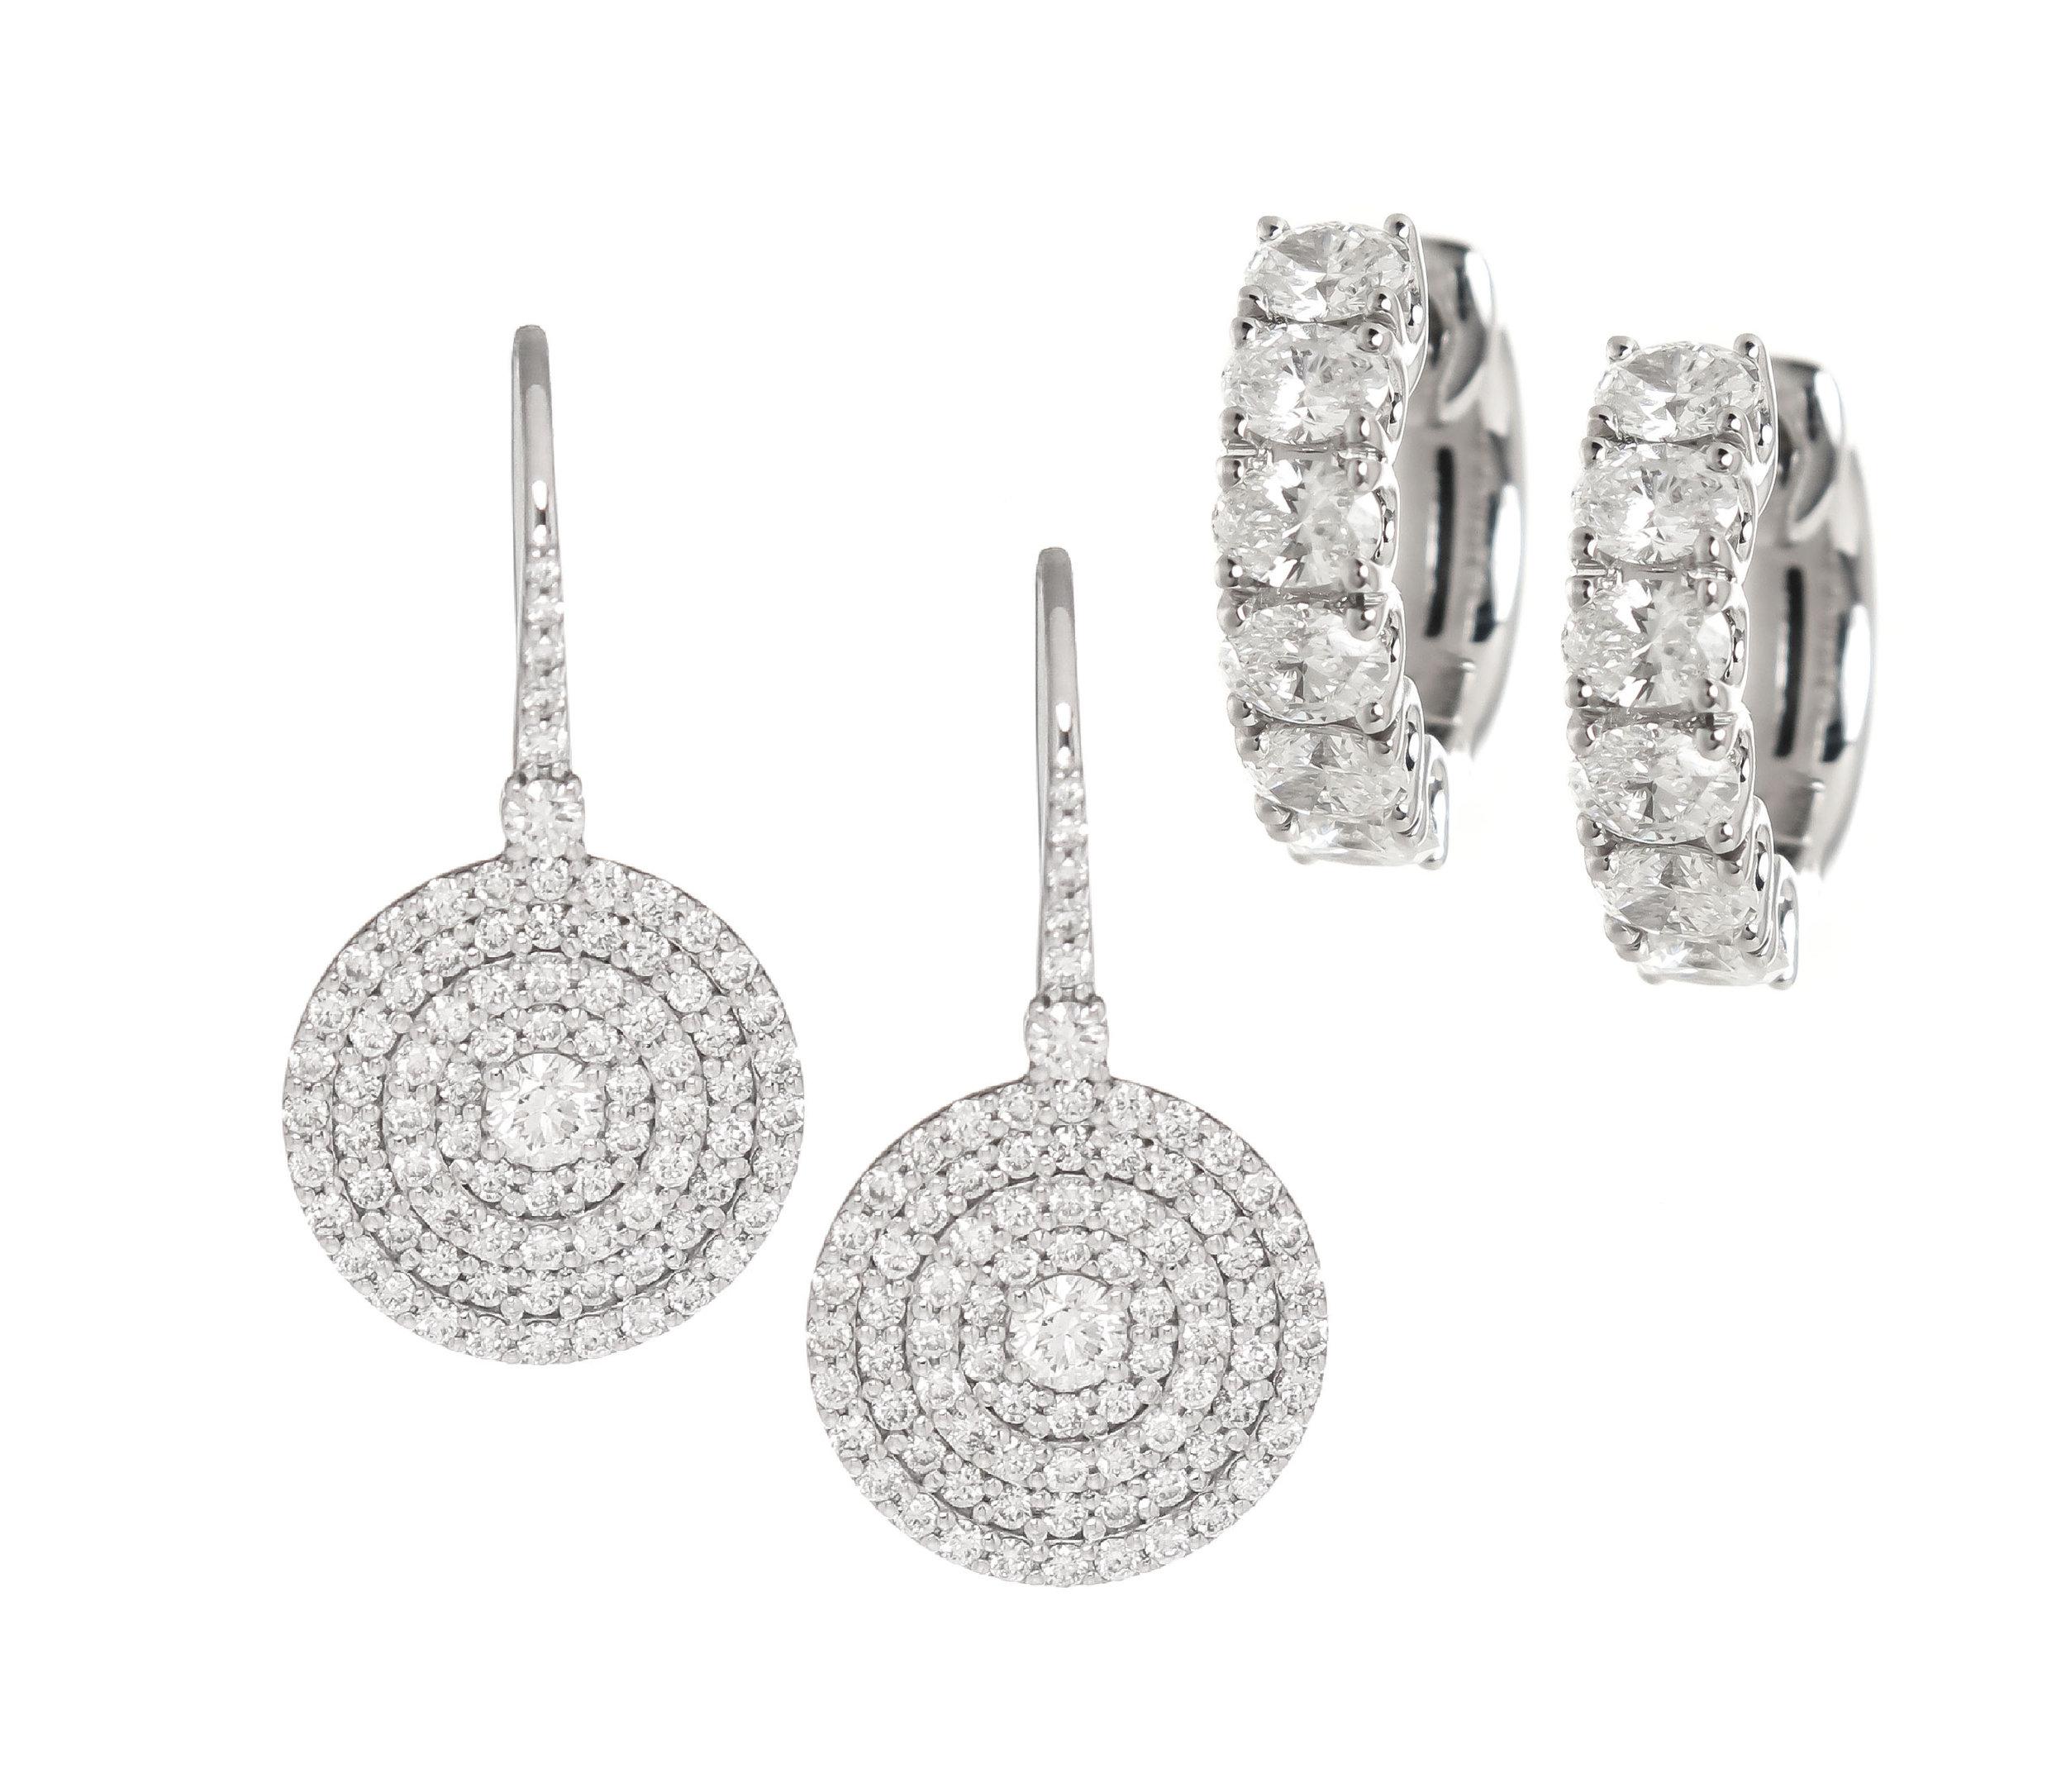 DH-diamond-earrings.jpg